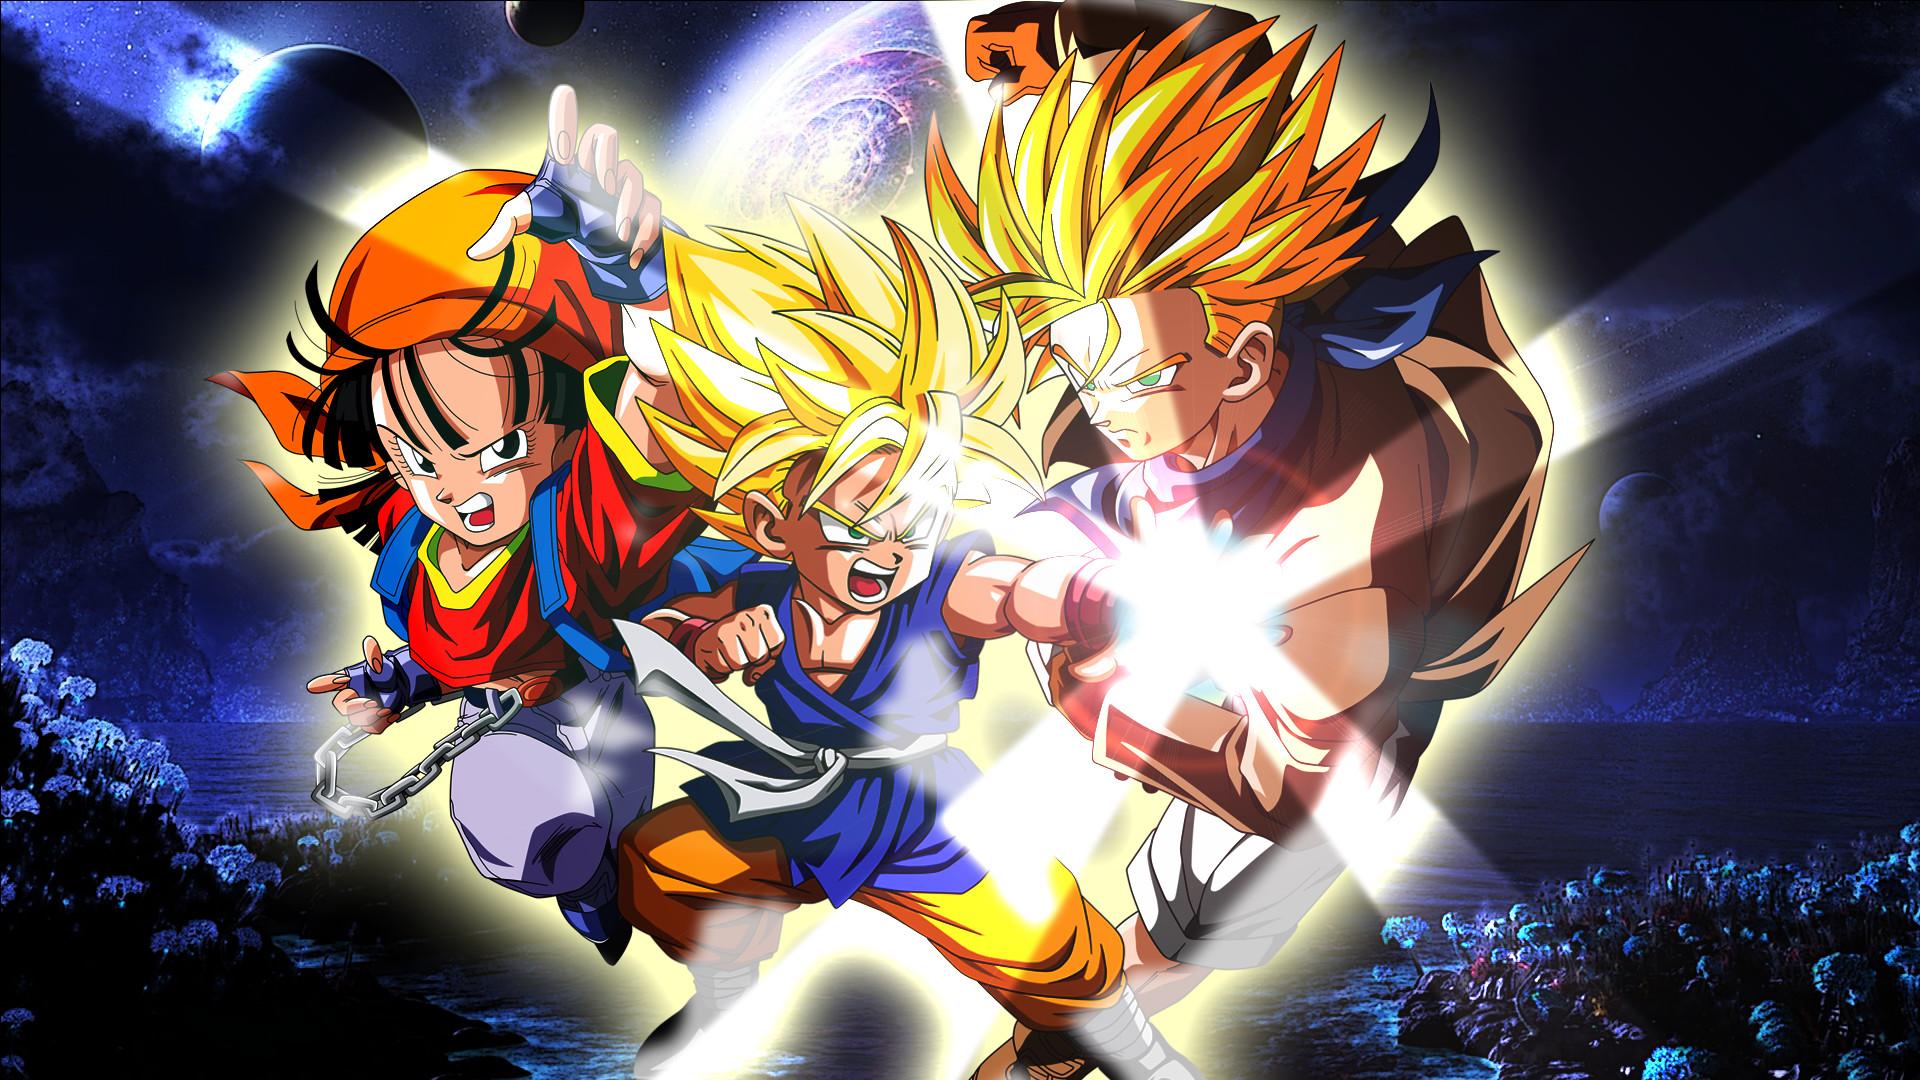 Dragon Ball Z Trunks Wallpaper 66 Images